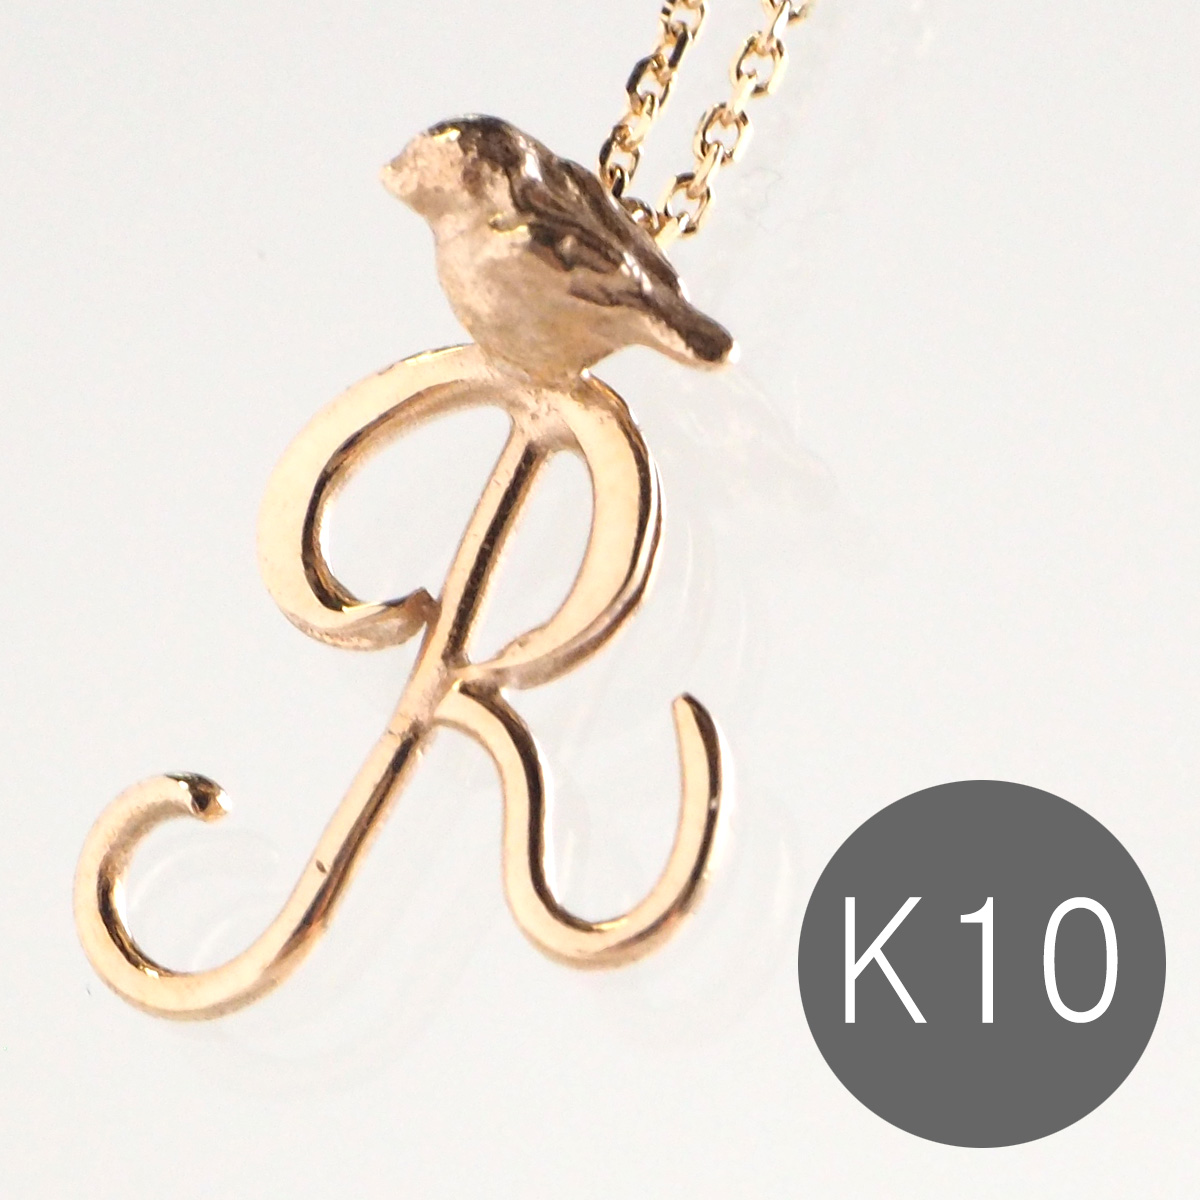 """DECOvienya(デコヴィーニャ)手作りアクセサリー 10Kゴールド イニシャルネックレス """"R"""" ルリビタキ 強い意志 [DE-10K-R]"""